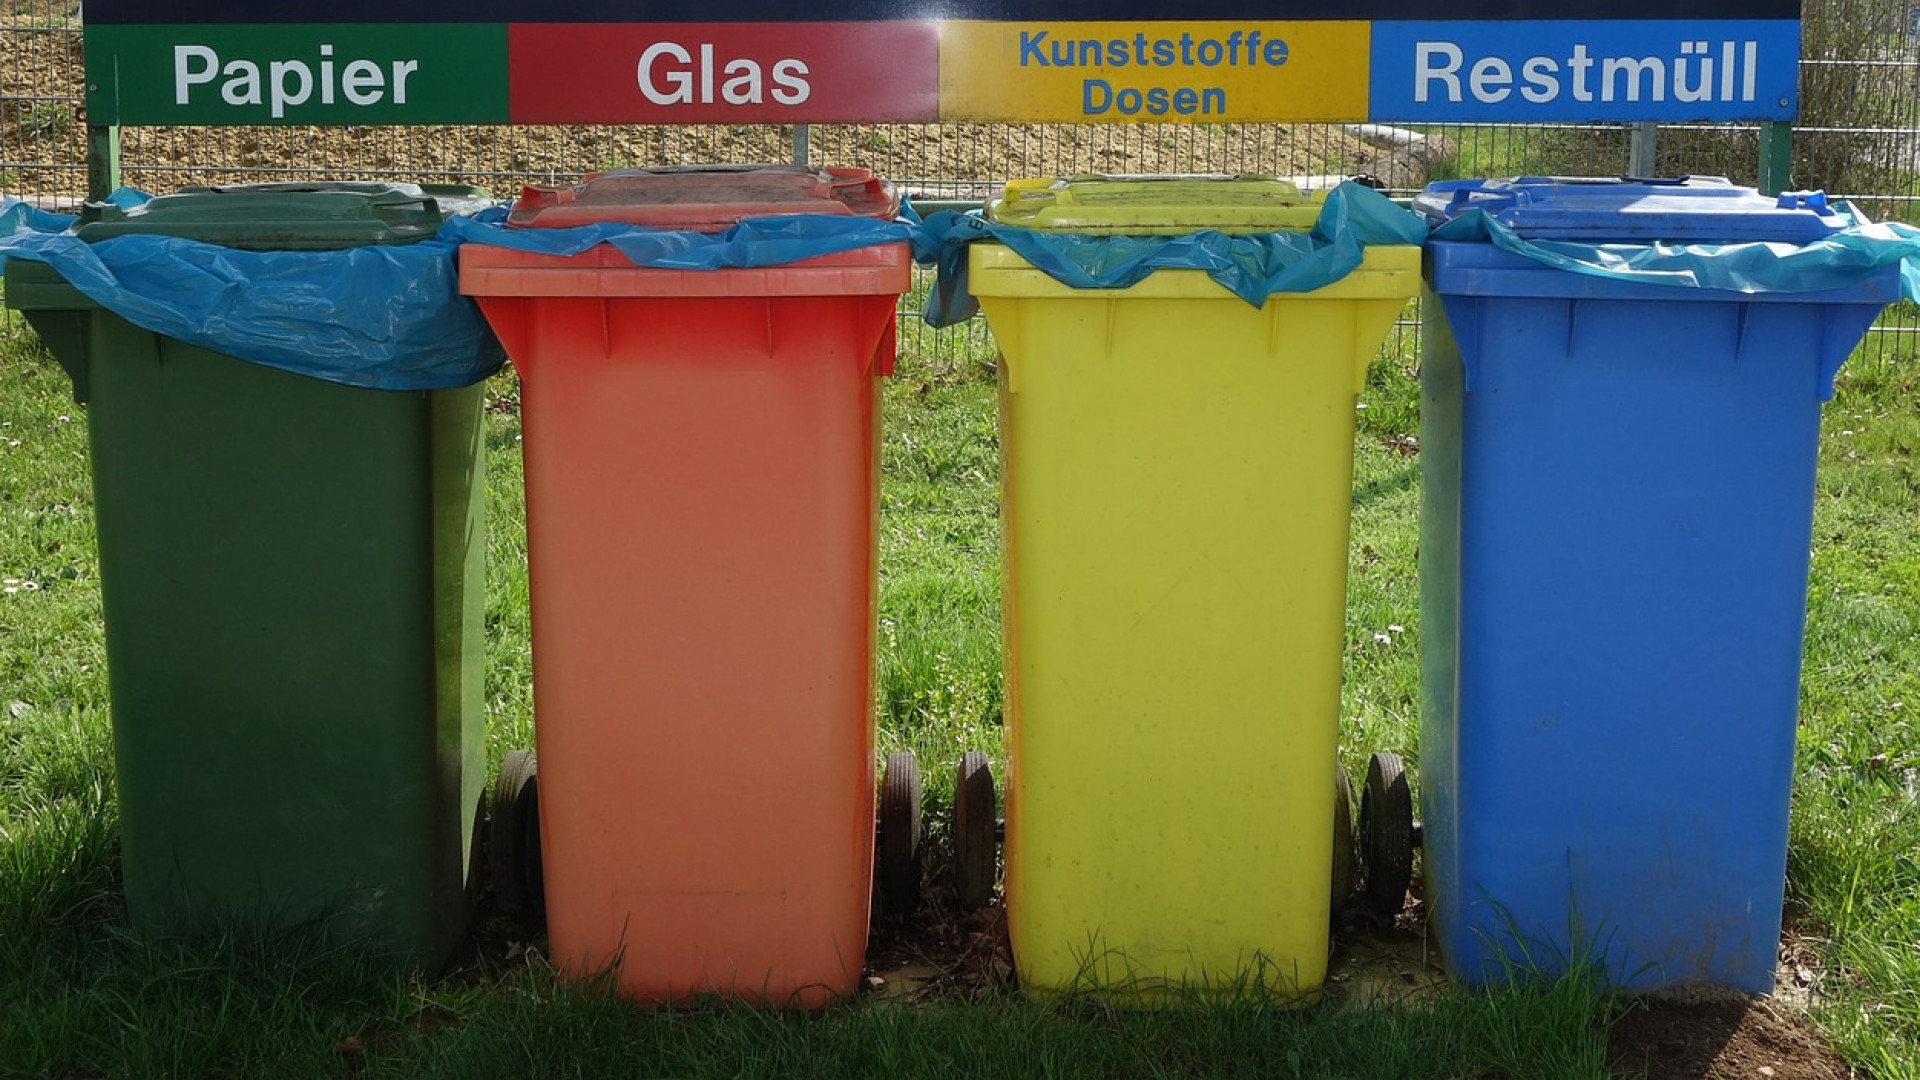 Votre extérieur mérite ce qu'il y a de mieux… même en matière de poubelles !